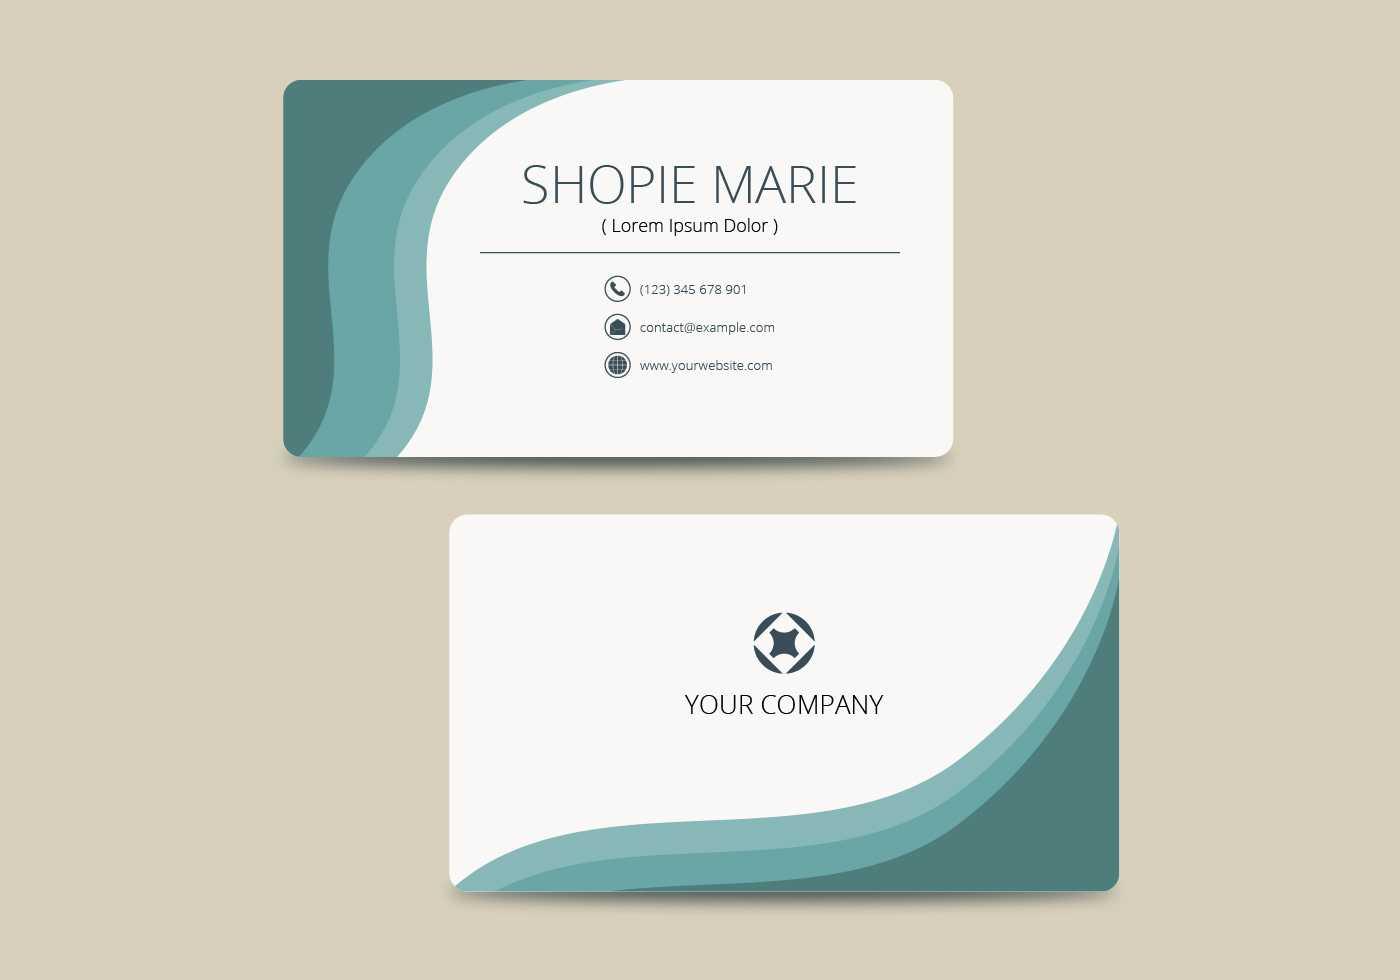 Basic Business Card Templates - Karan.ald2014 With Regard To Openoffice Business Card Template